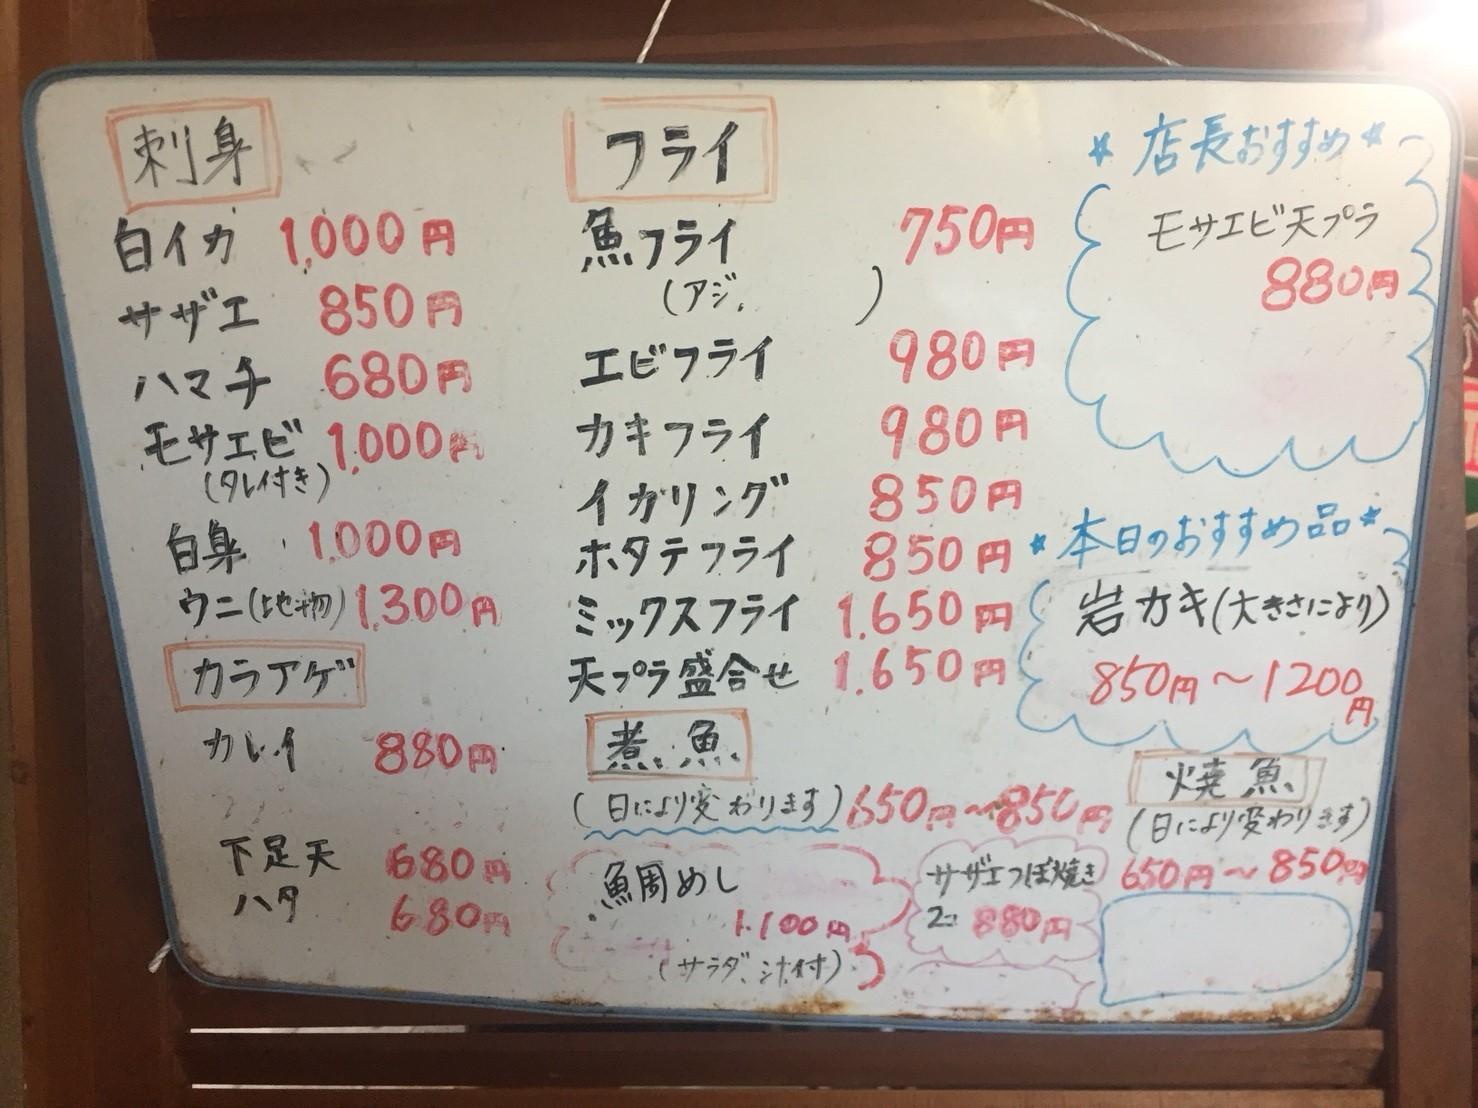 活魚 ふじ @赤碕_e0115904_08573241.jpg